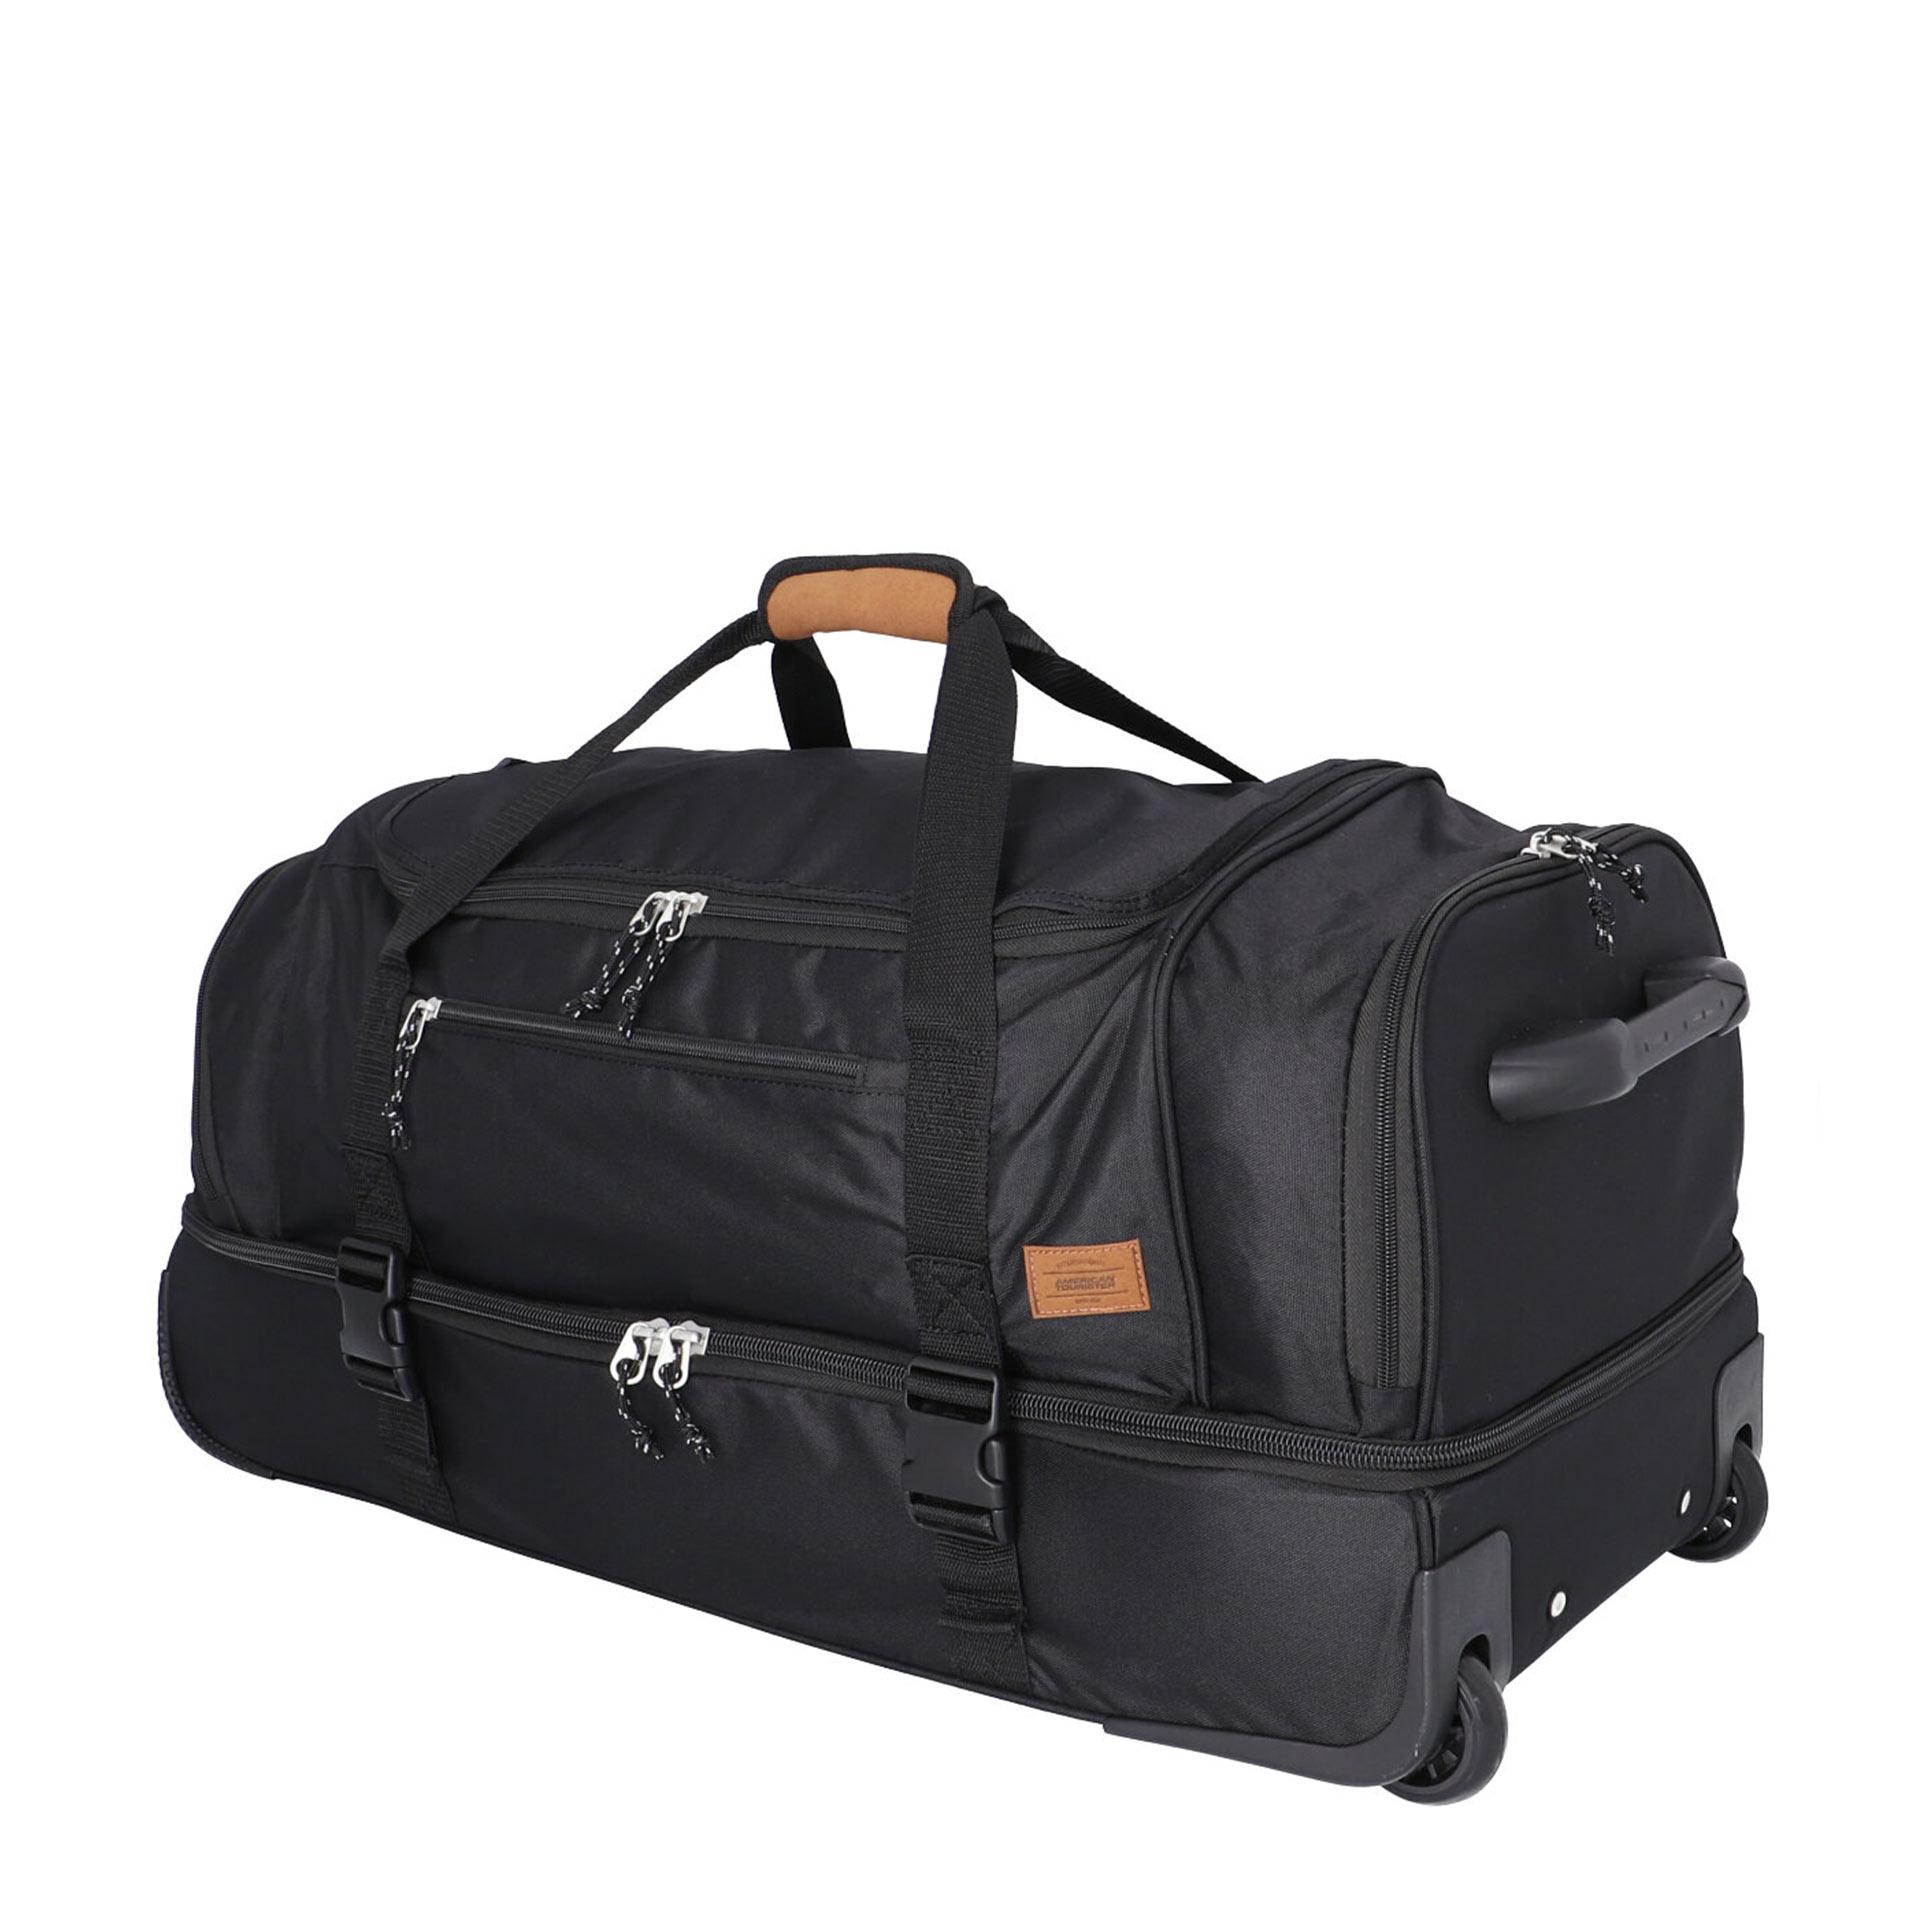 American Tourister Alltrail Reisetasche mit Rollen L black